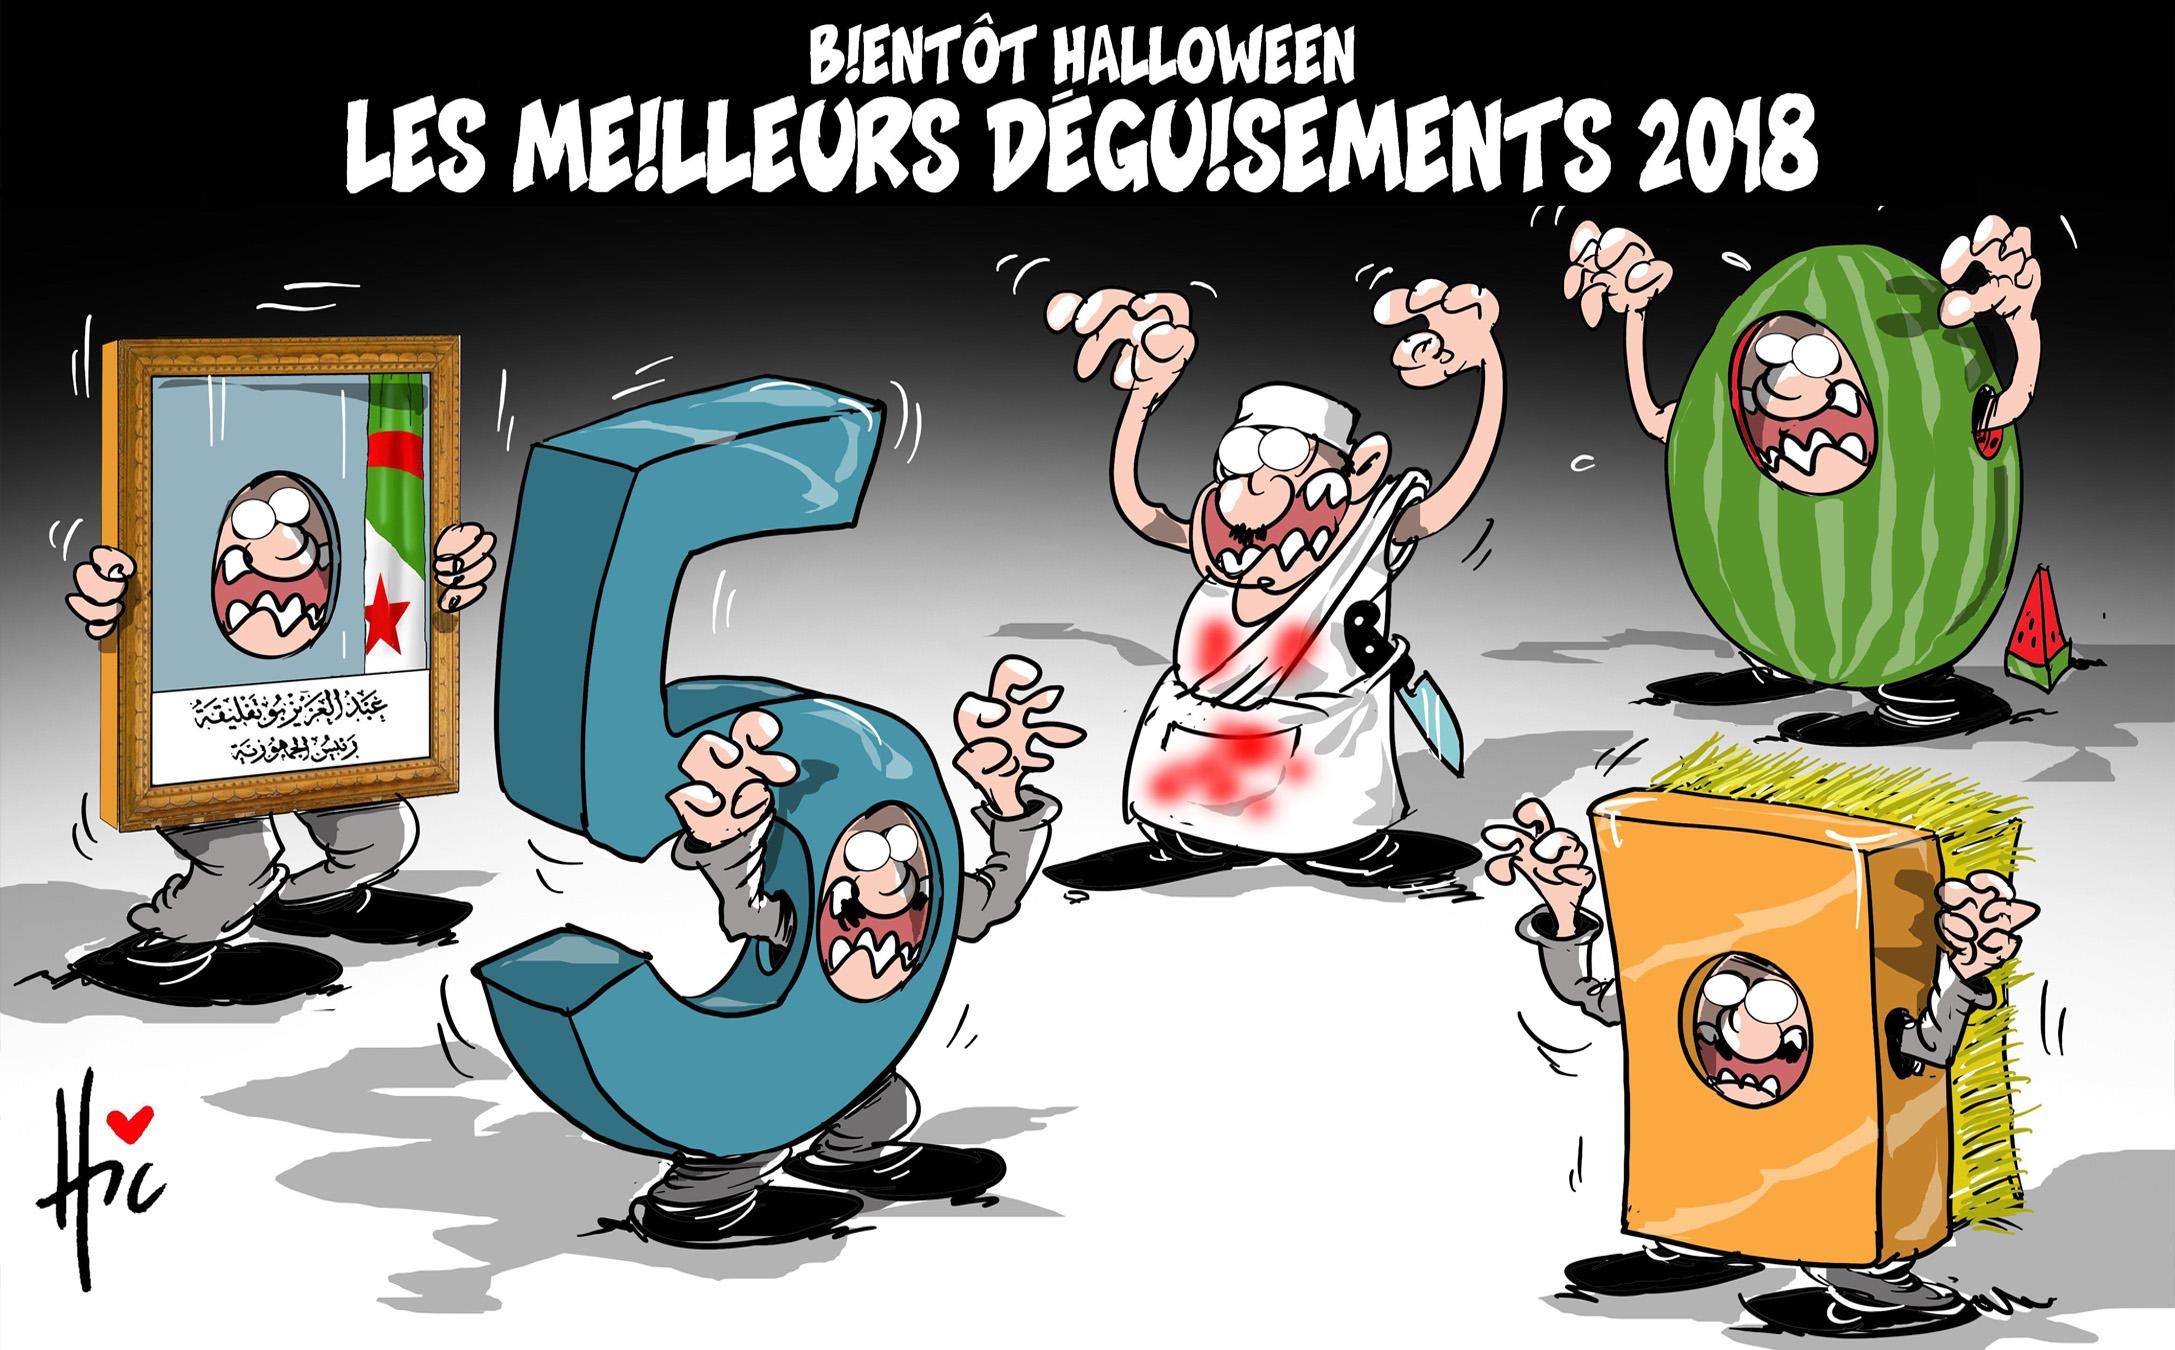 Bientôt Halloween : Les meilleurs déguisement en 2018 en Algérie - Dessins et Caricatures, Le Hic - El Watan - Gagdz.com